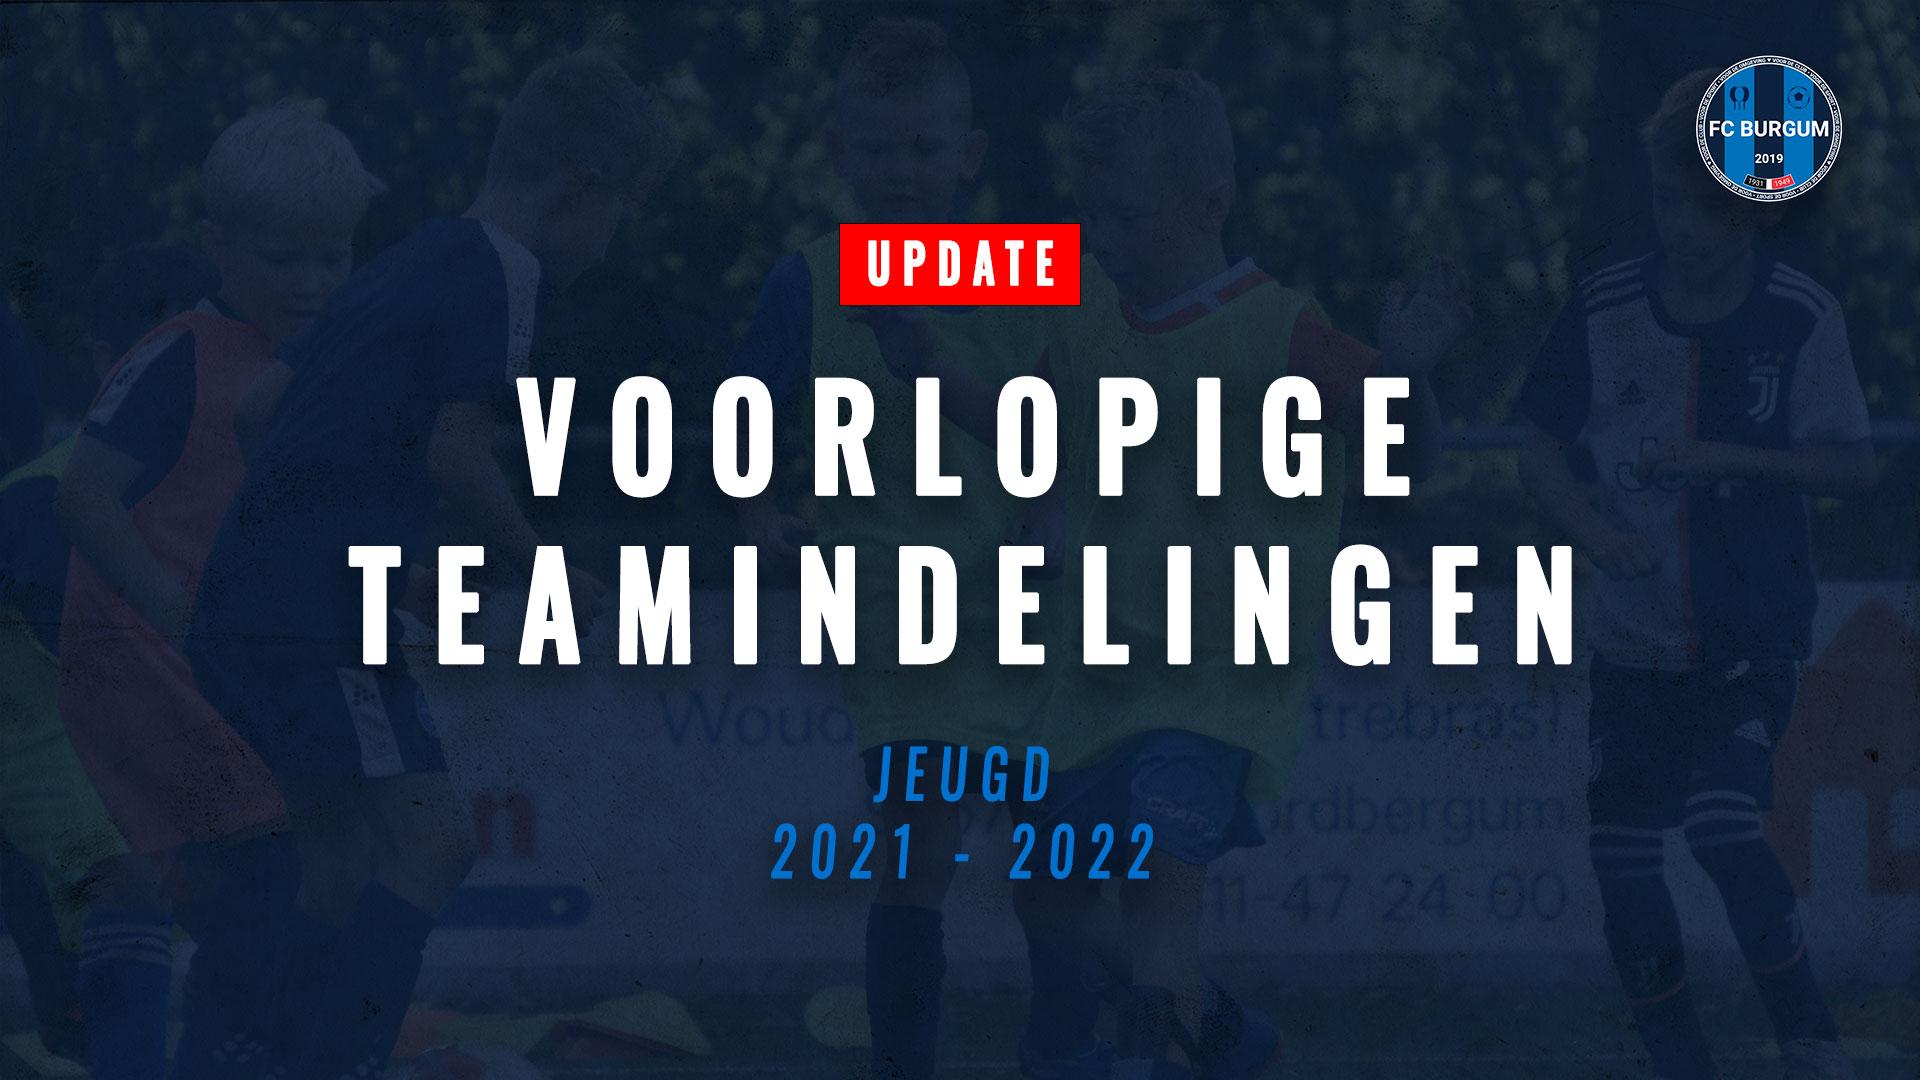 UDPATE: Voorlopige teamindelingen jeugdteams 2021-2022